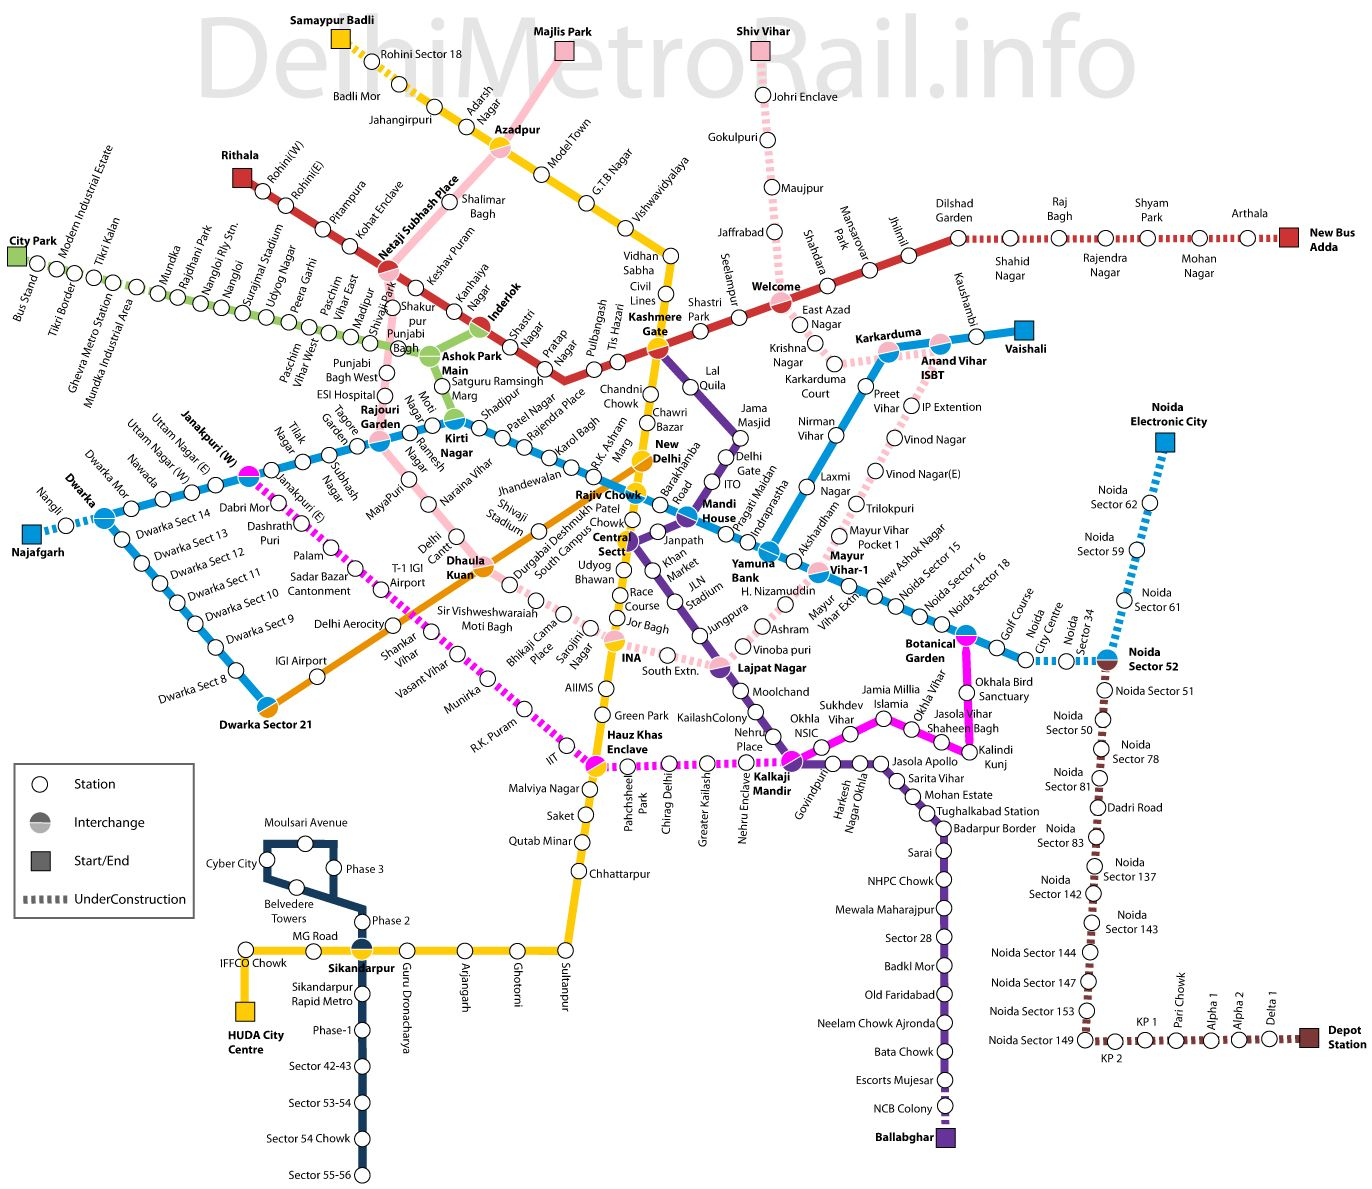 Santiago Subway Map.Pin By Mayank Varshney On Metro Map In 2019 Delhi Metro Map